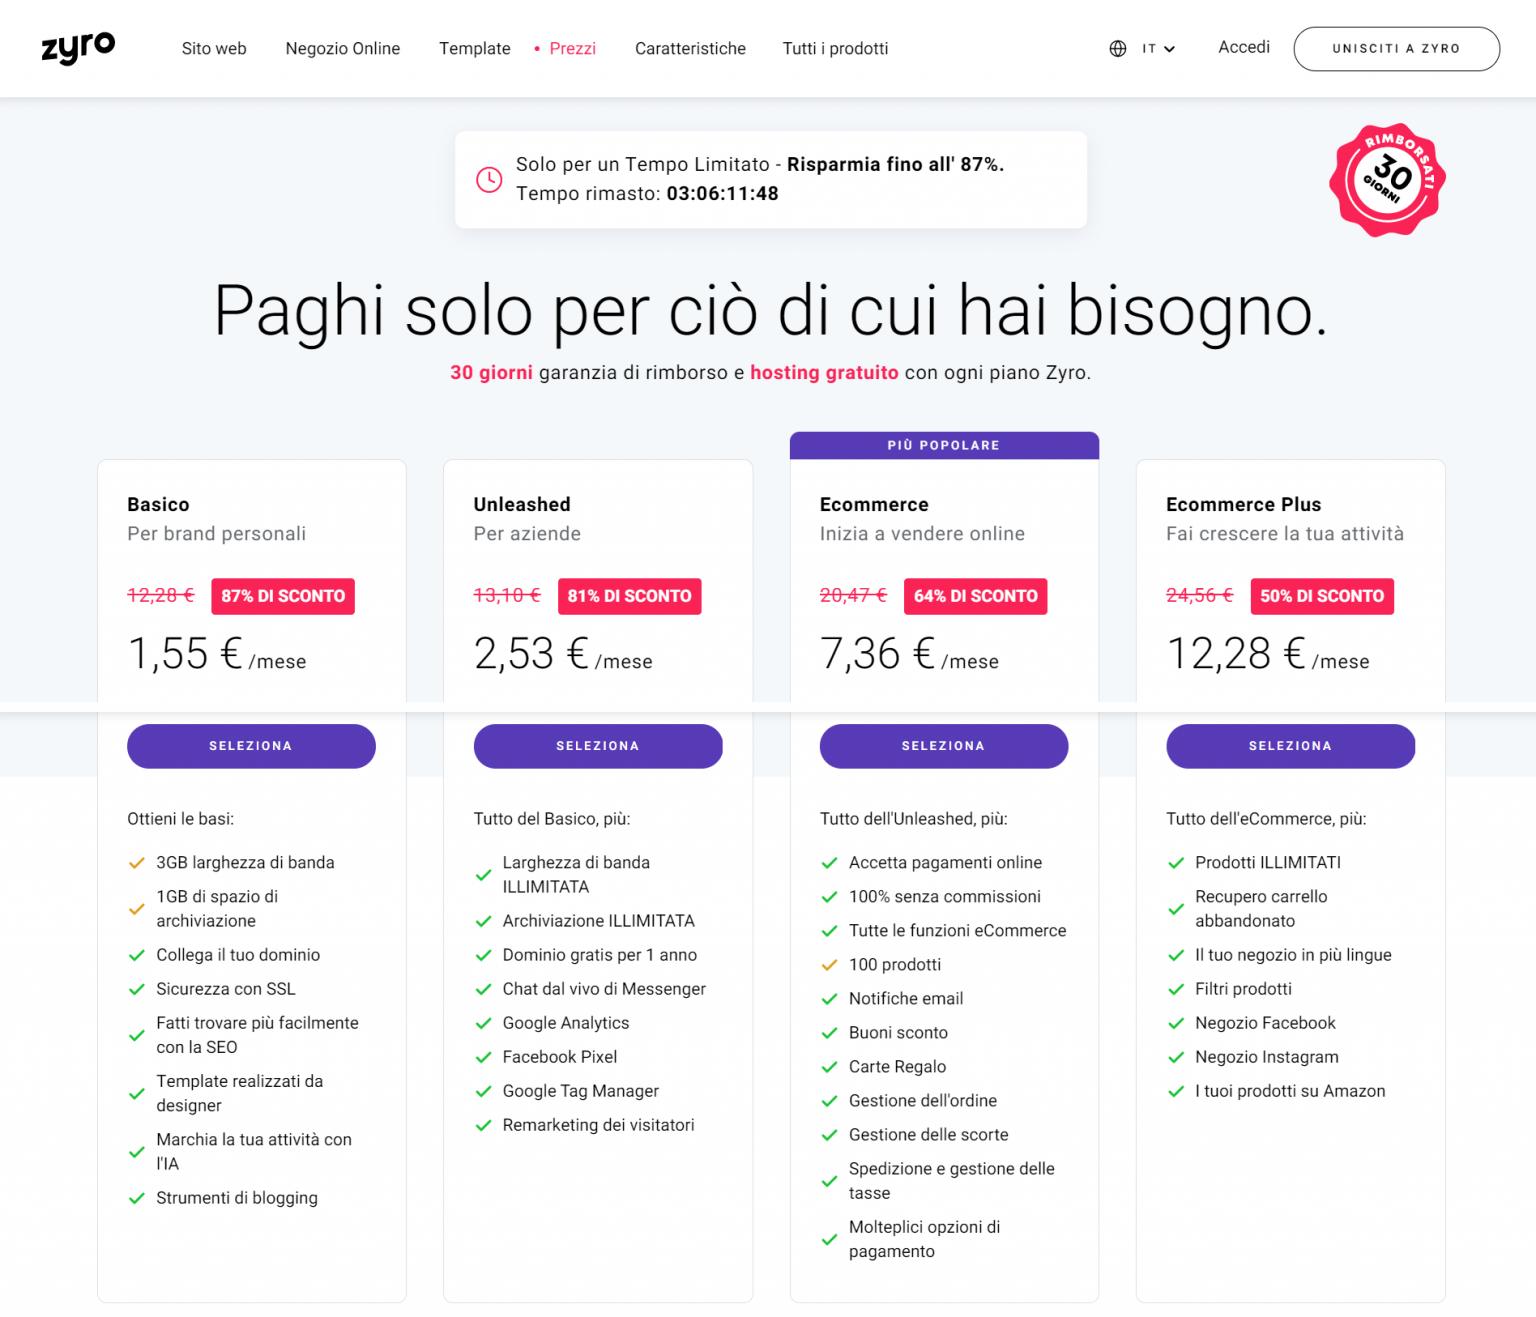 Prezzi Zyro